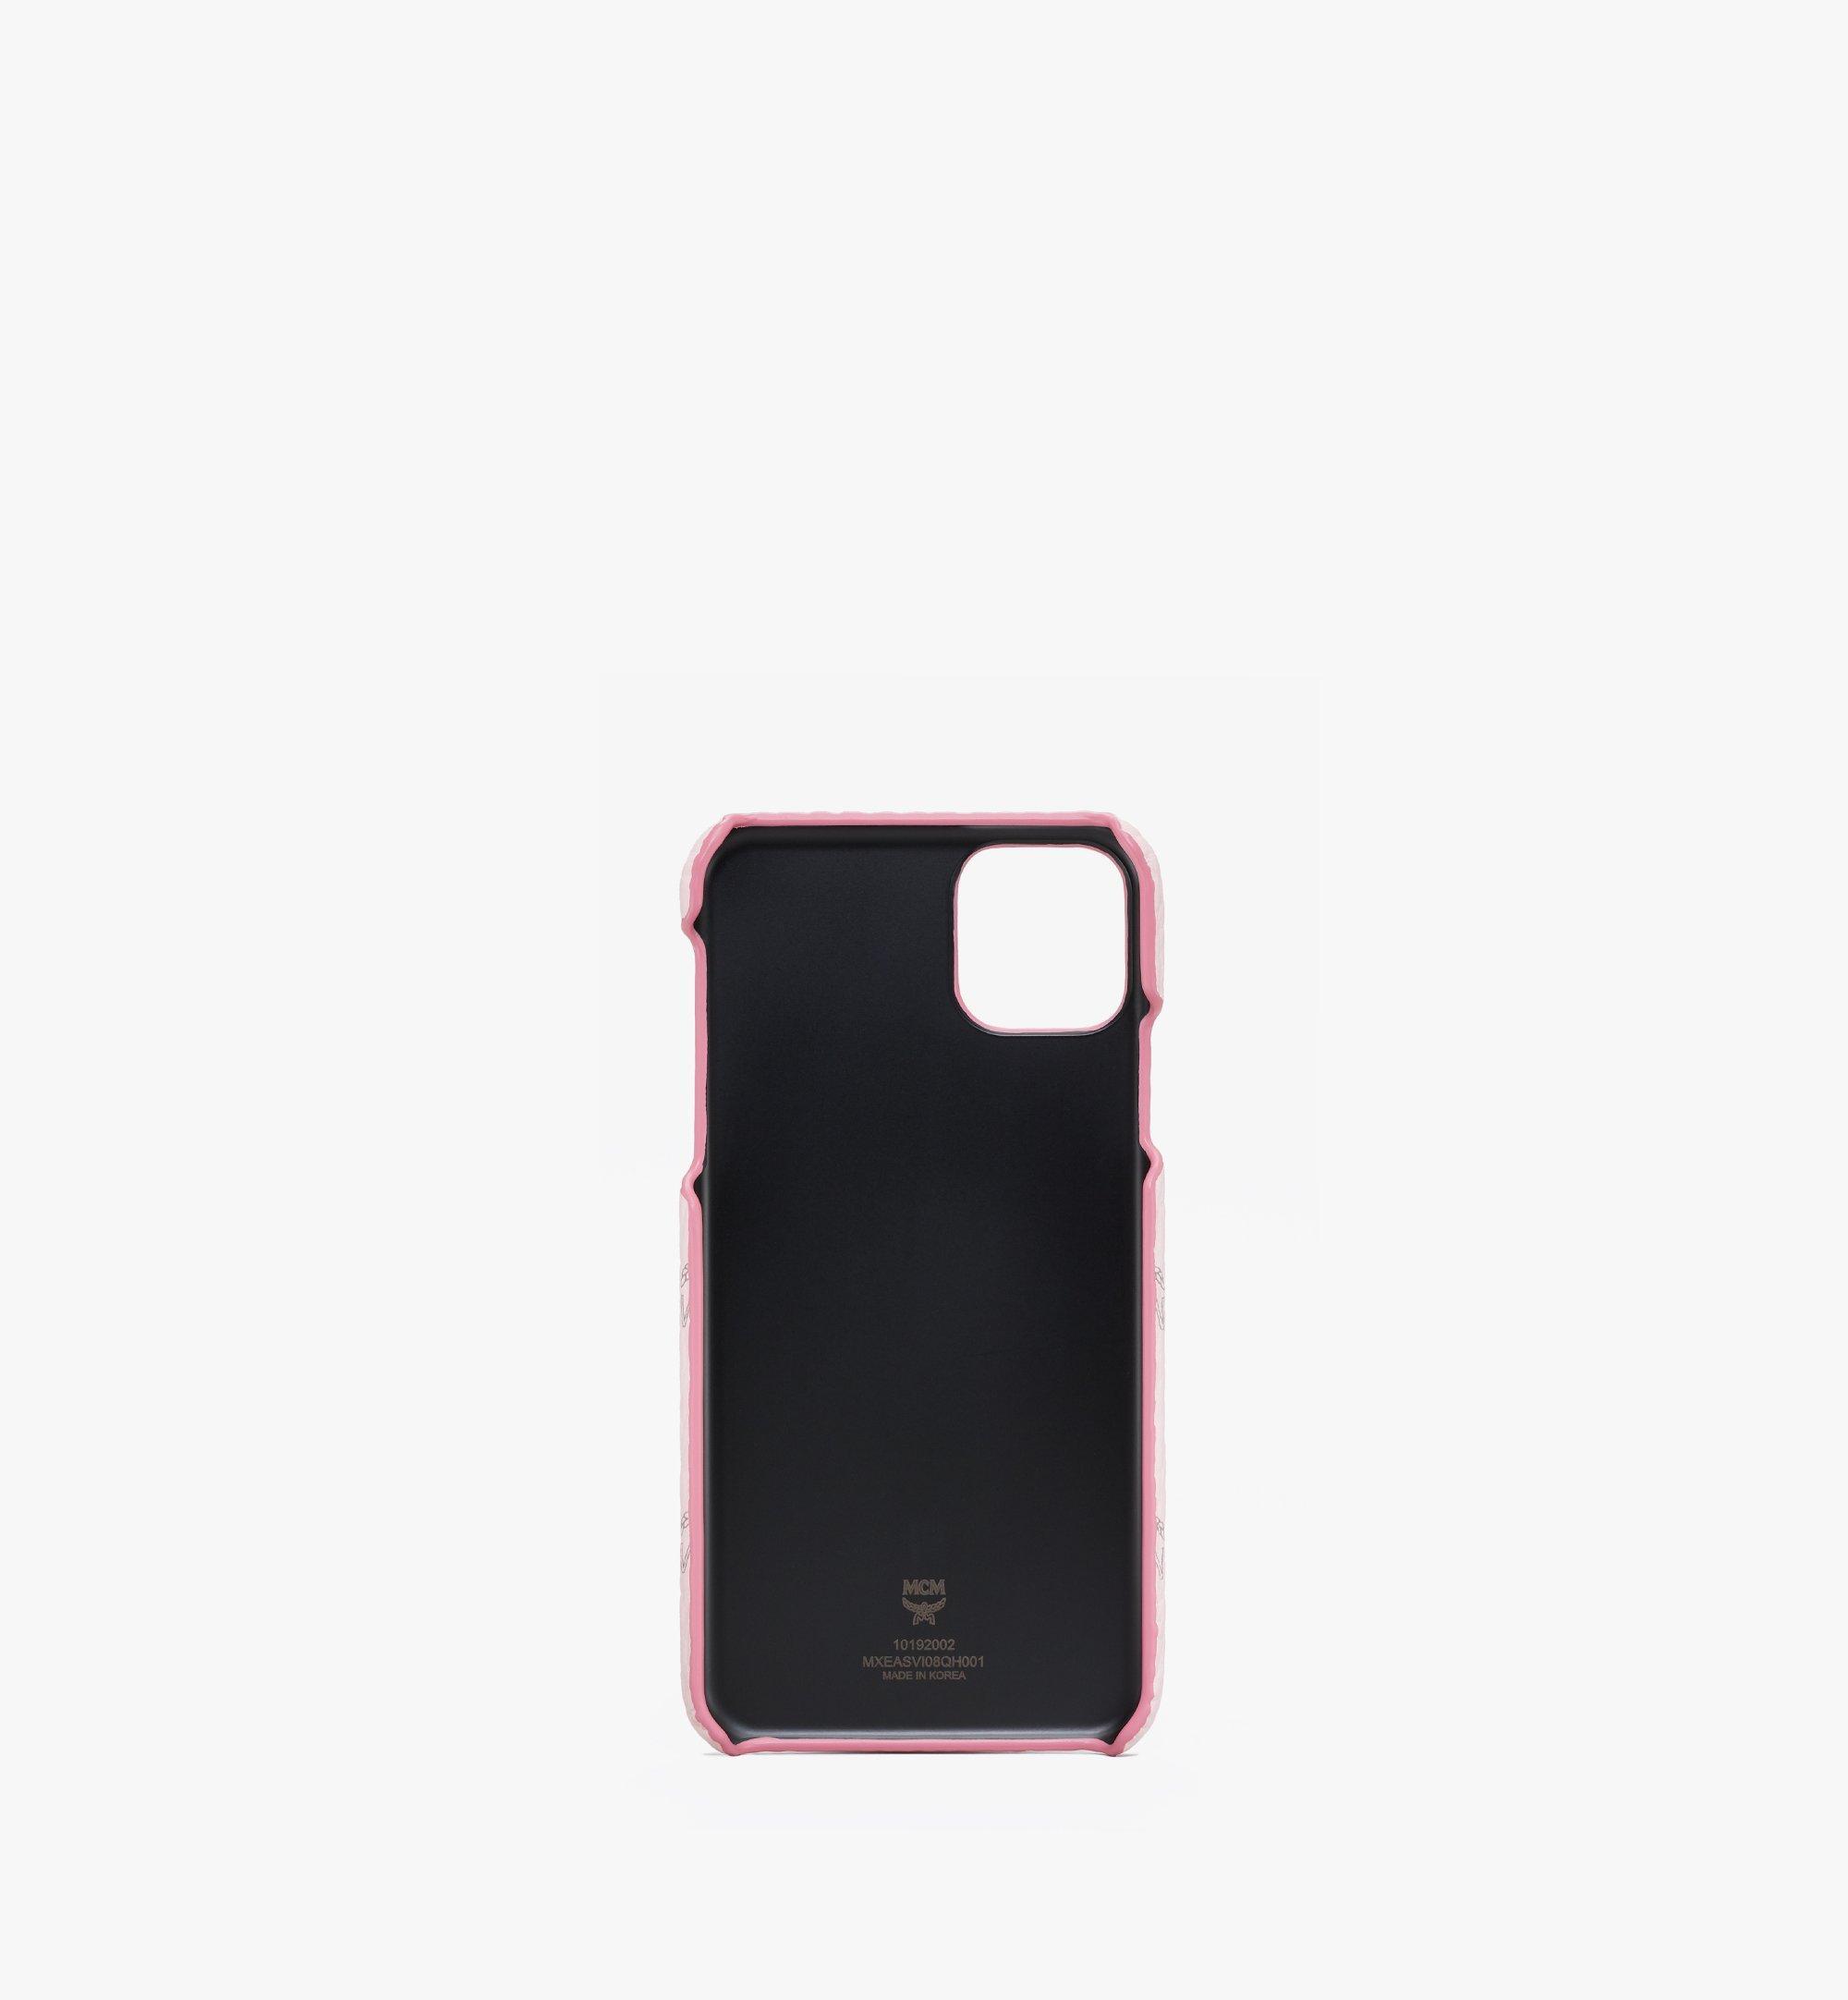 MCM iPhone 11 Pro Max Case in Visetos Pink MXEASVI08QH001 Alternate View 1